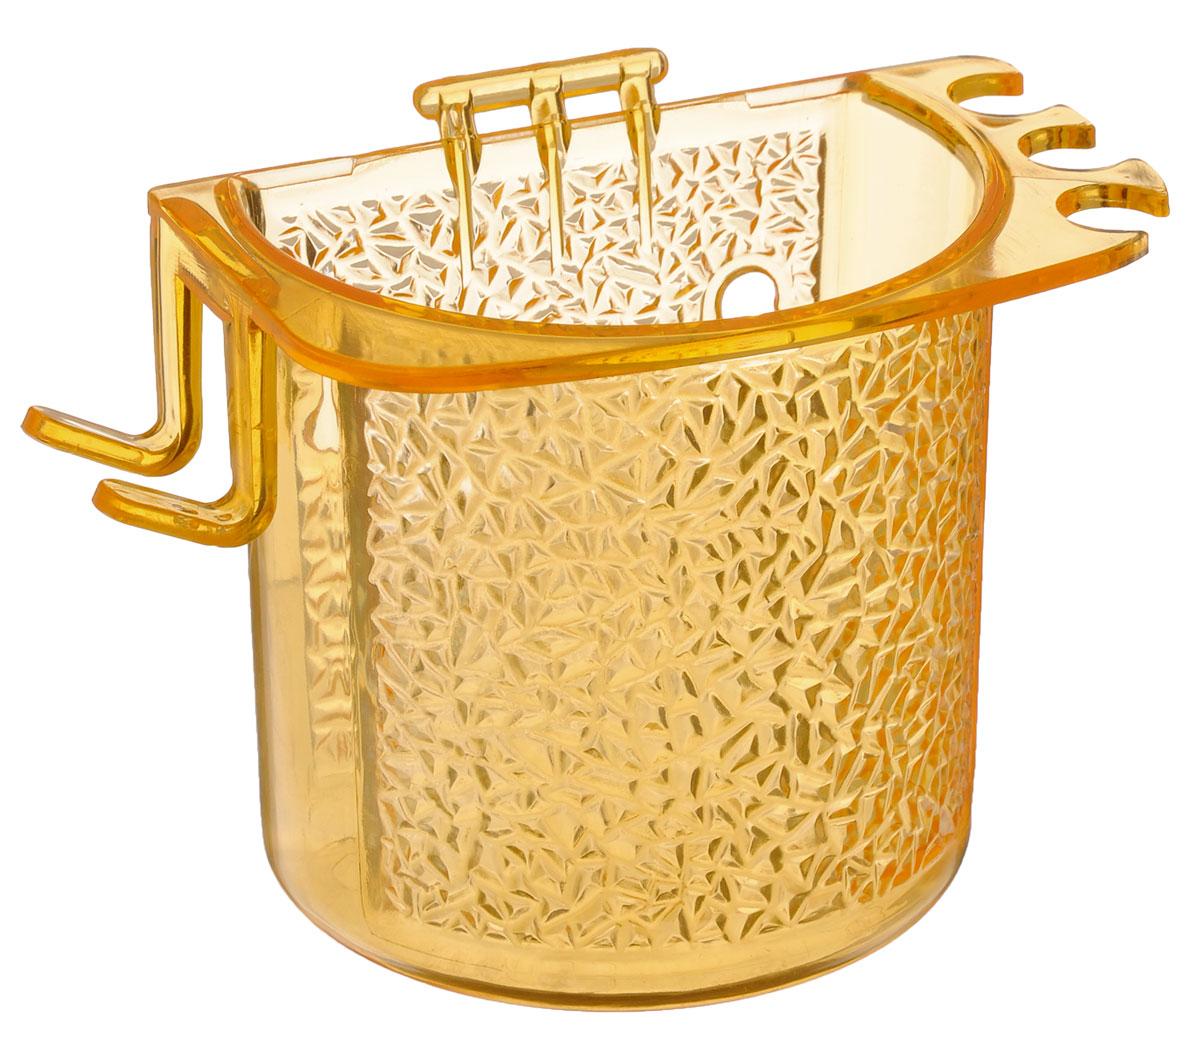 Стакан для ванной Fresh Code, на липкой основе, цвет: оранжевый64945_желтыйСтакан для ванной комнаты Fresh Code выполнен из ABS пластика. Крепление на липкой основе многократного использования идеально подходит для гладкой поверхности. С оборотной стороны изделие оснащено двумя отверстиями для удобного размещения на стене.В стакане удобно хранить зубные щетки, пасту и другие принадлежности. Аксессуары для ванной комнаты Fresh Code стильно украсят интерьер и добавят в обычную обстановку яркие и модные акценты. Стакан идеально подойдет к любому стилю ванной комнаты.